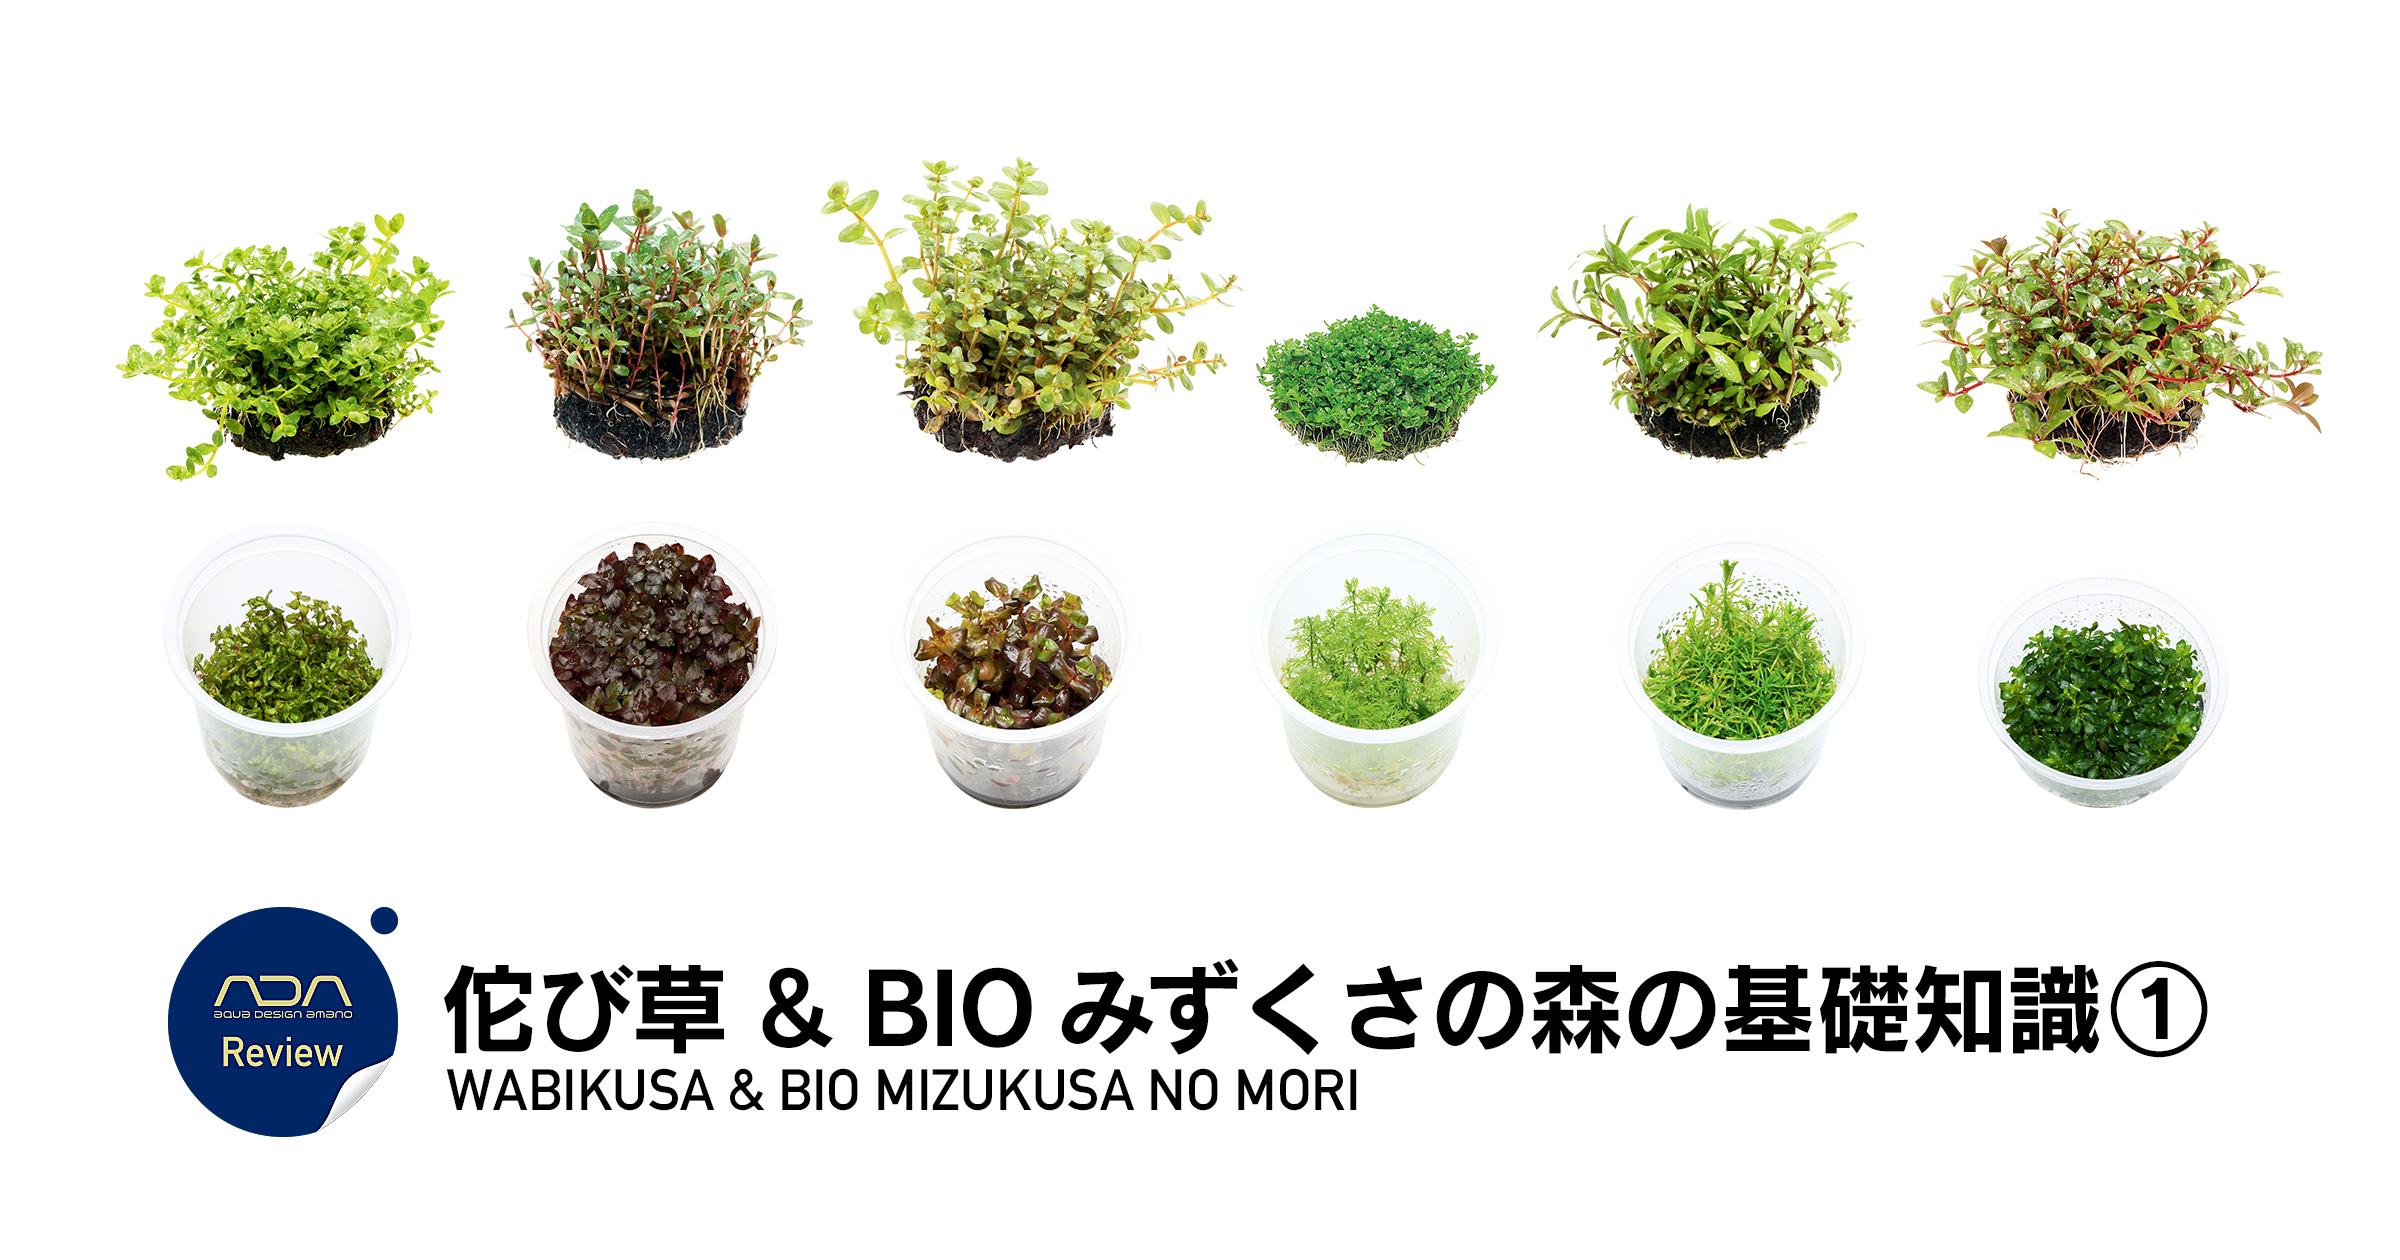 佗び草 & BIO みずくさの森の基礎知識 ①